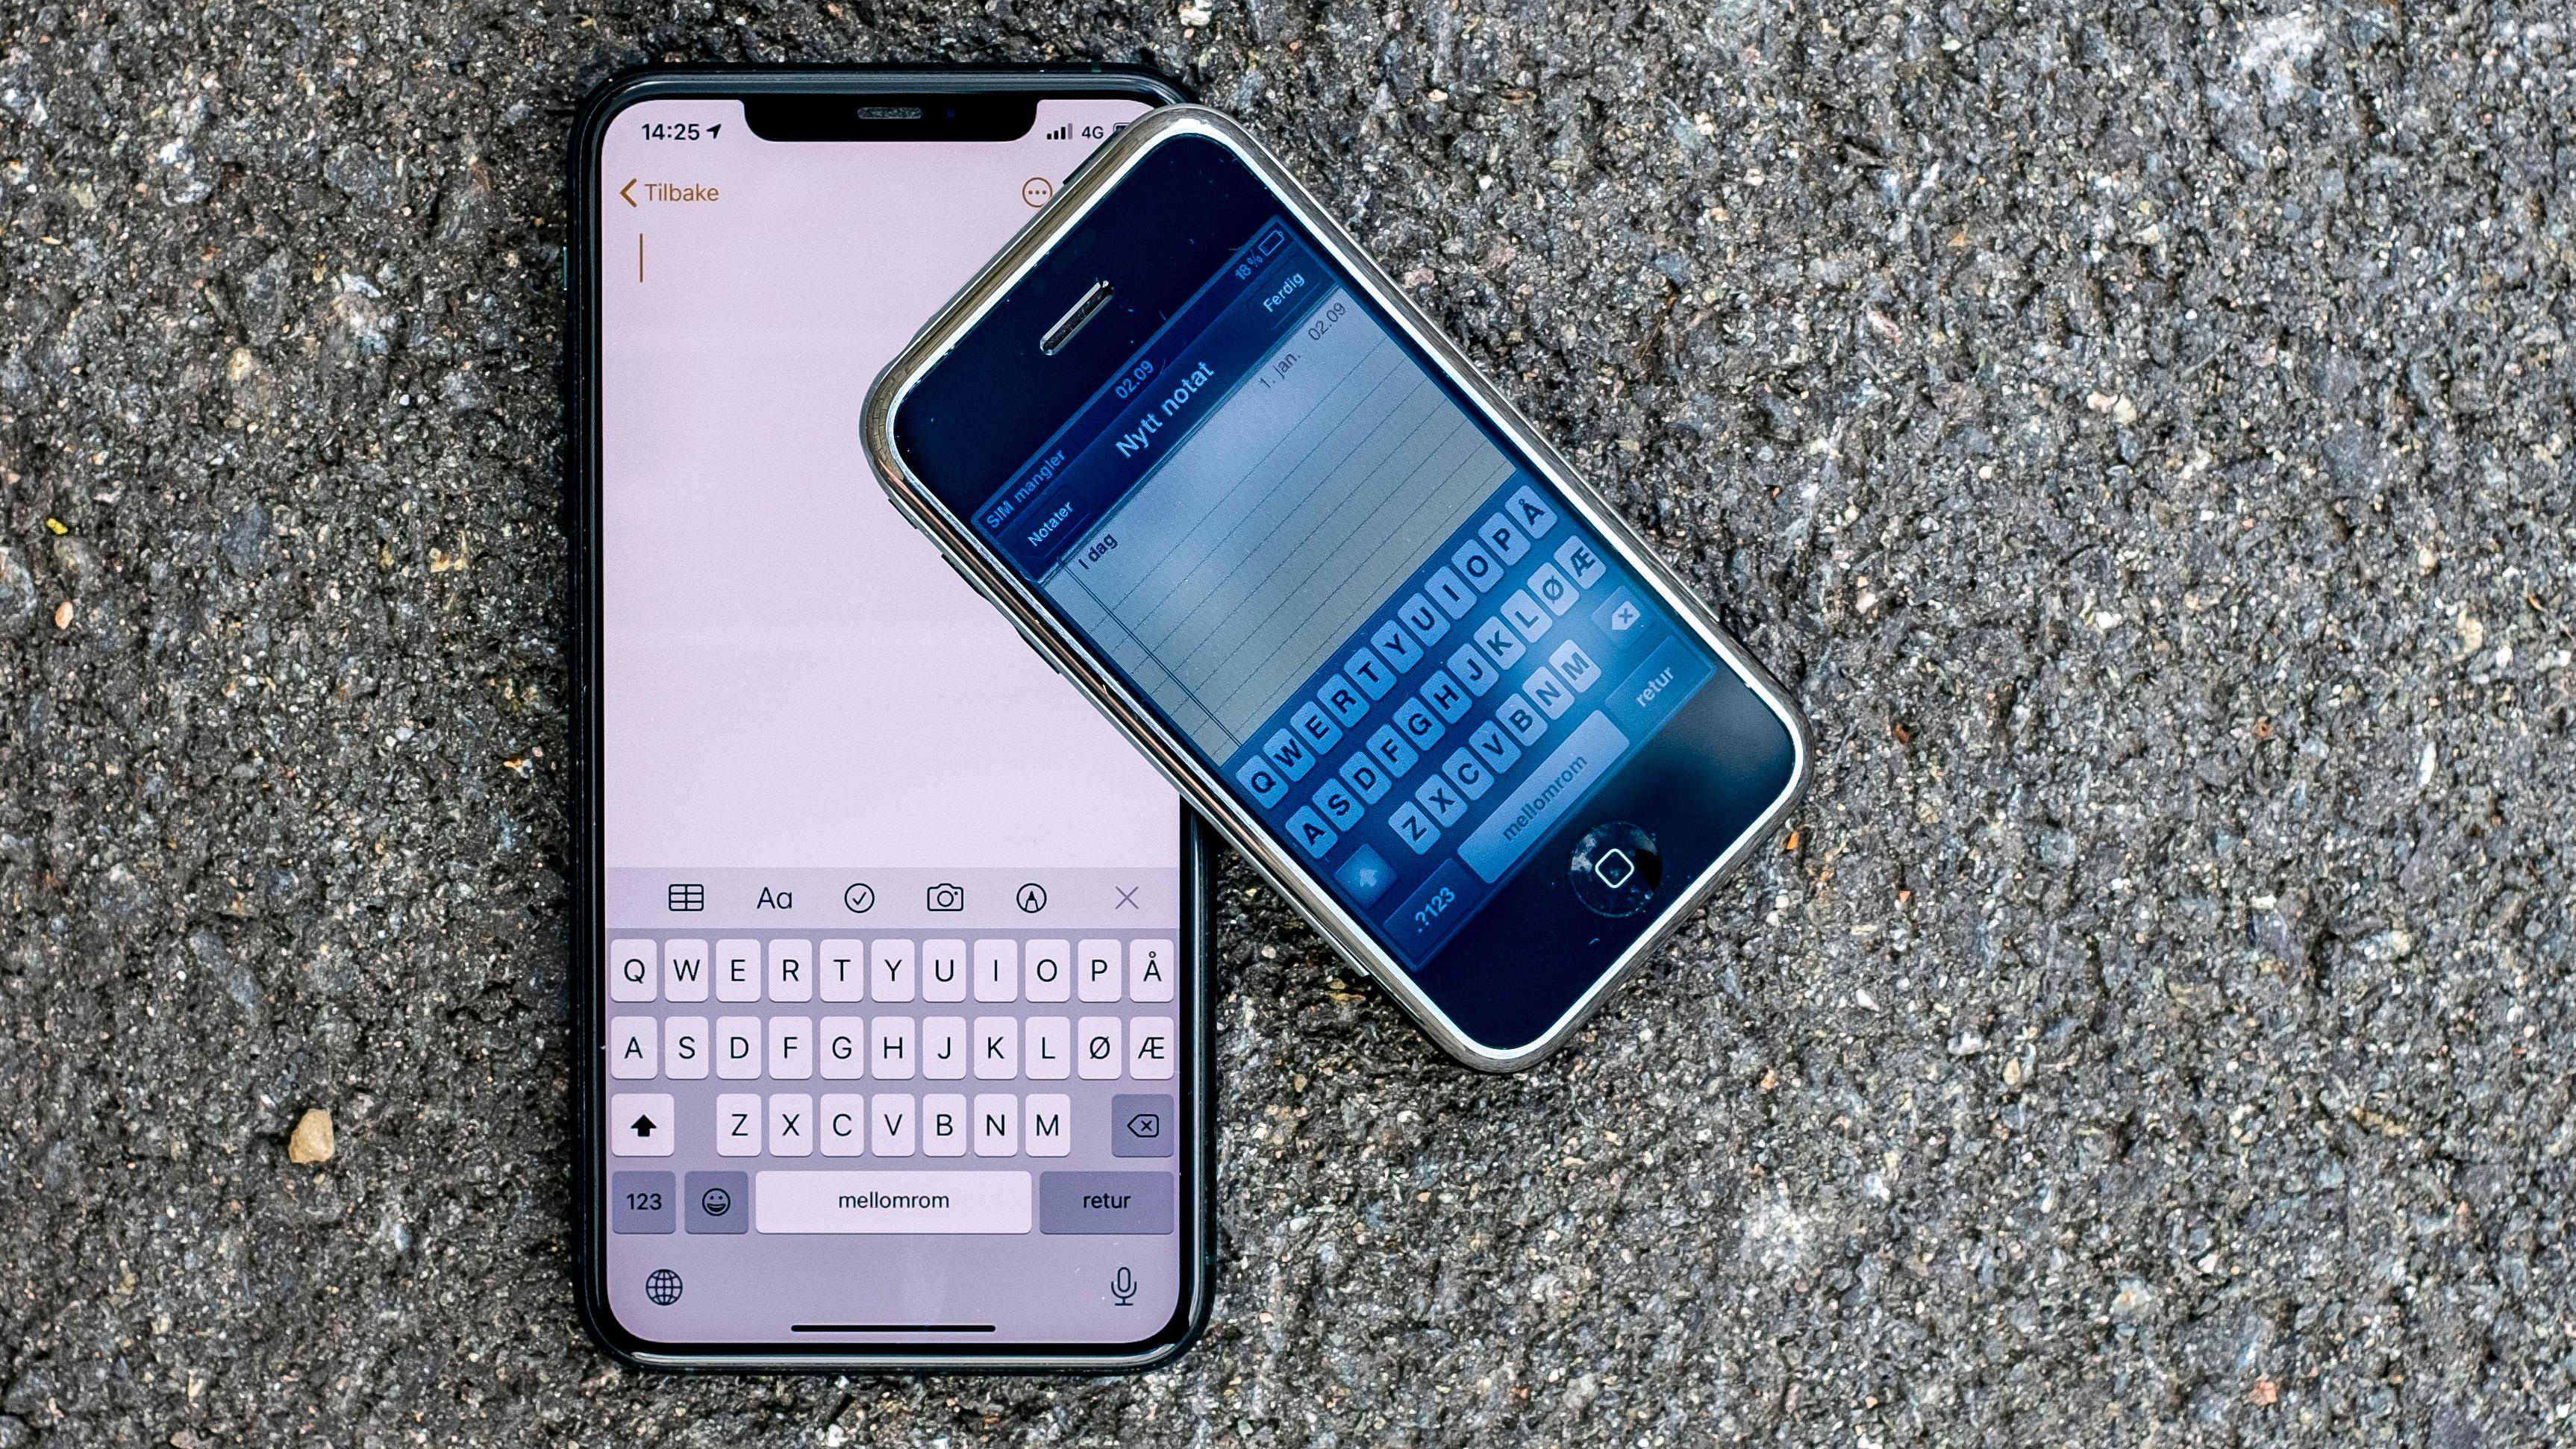 Det er ikke mye som skiller iPhone-tastaturet fra 2007 og 2020.